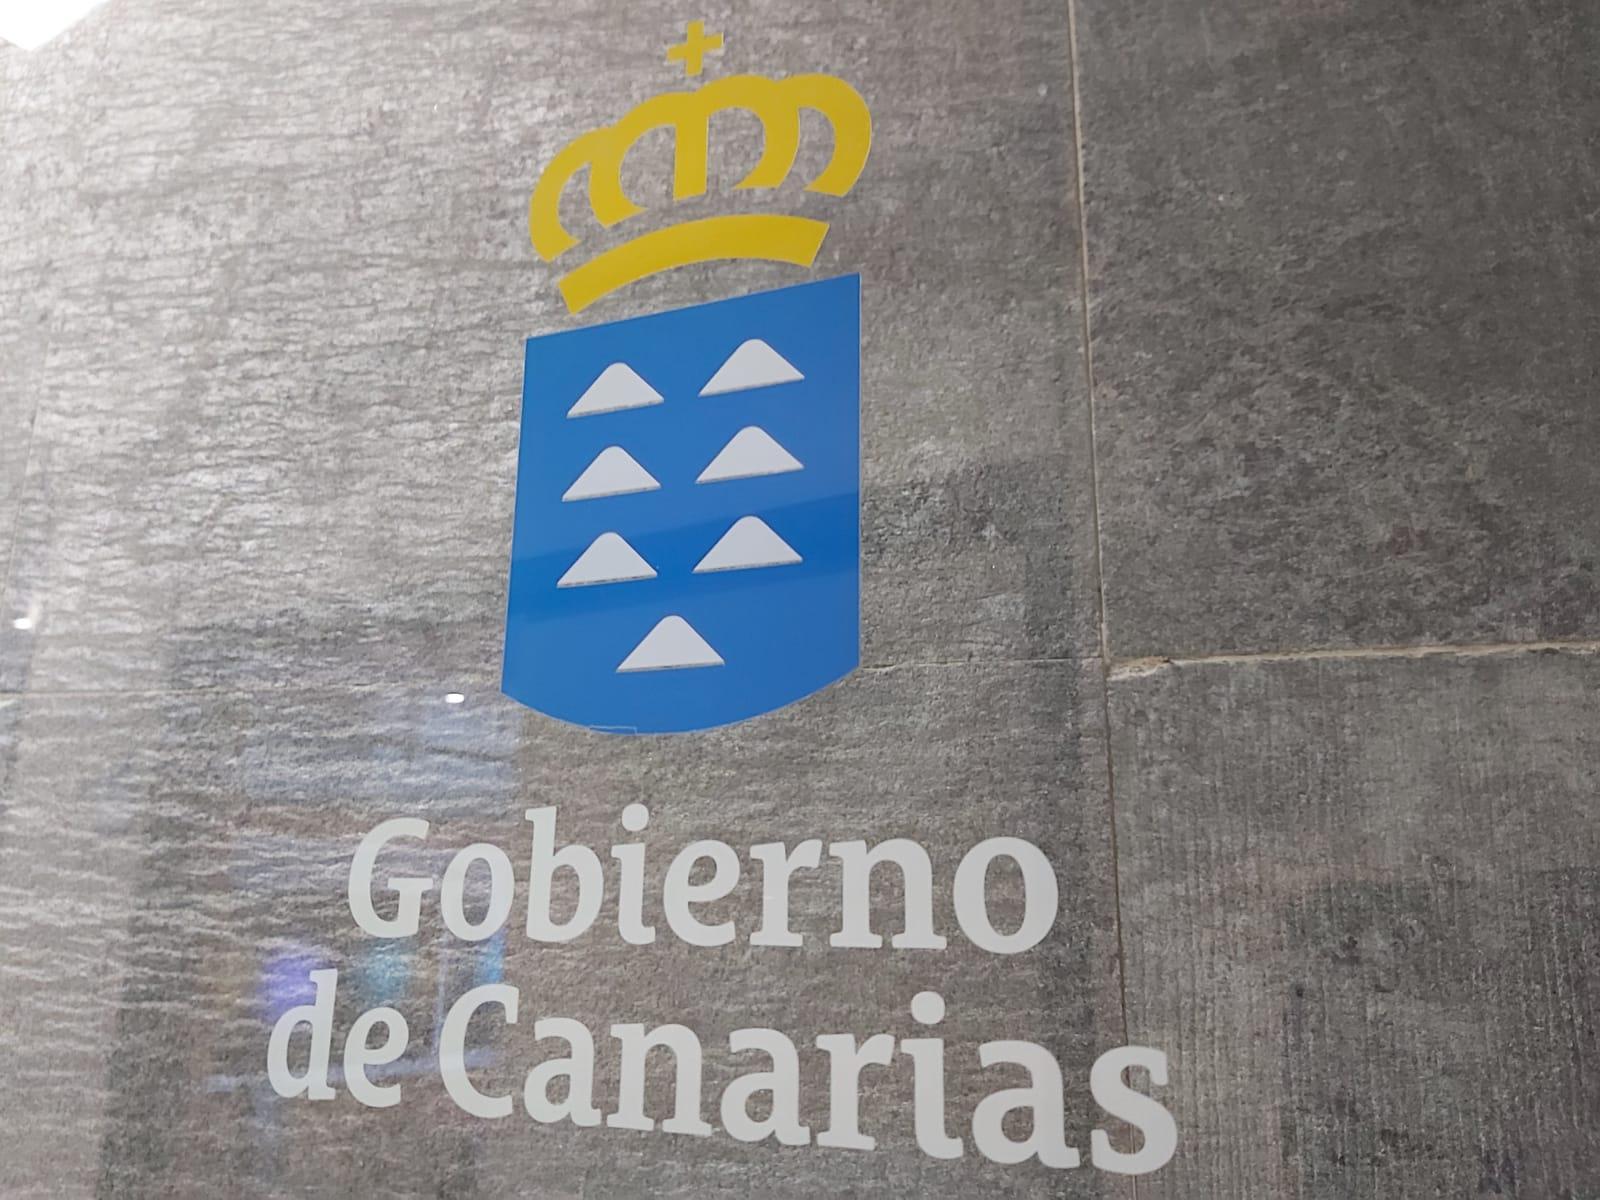 Canarias pedirá autorización judicial en el caso de que una isla vuelva a nivel 3 o 4 y necesite medidas especiales